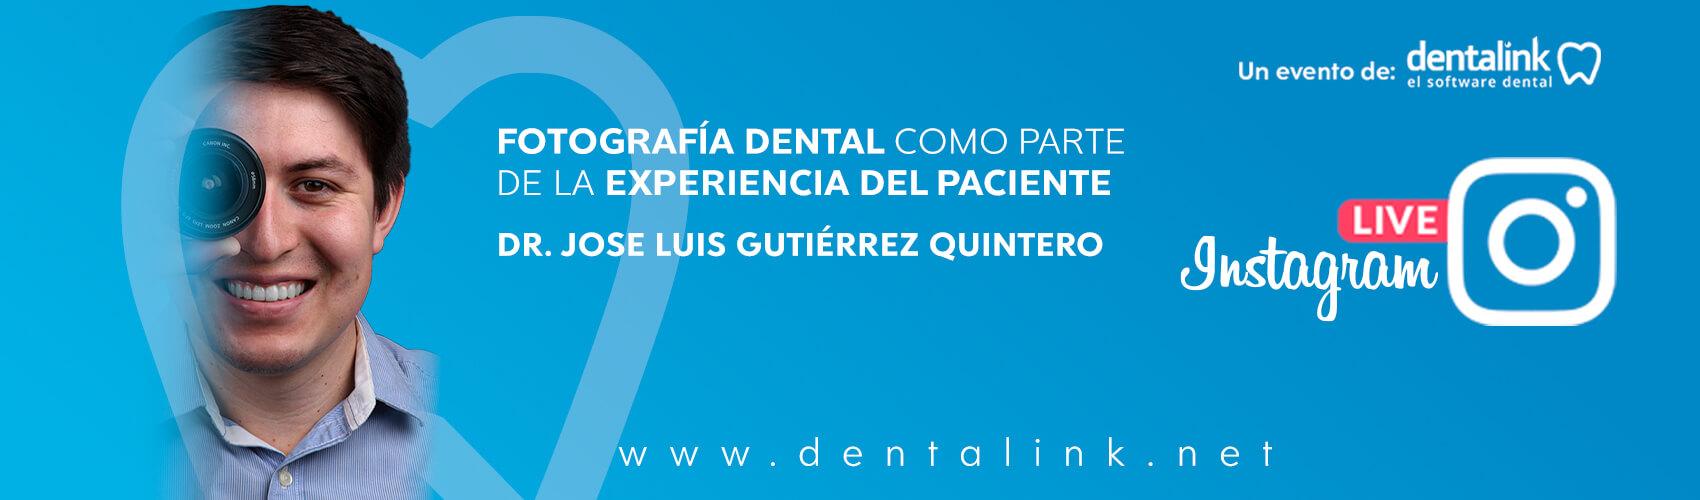 IG Live: La Fotografía Dental y la Experiencia del Paciente